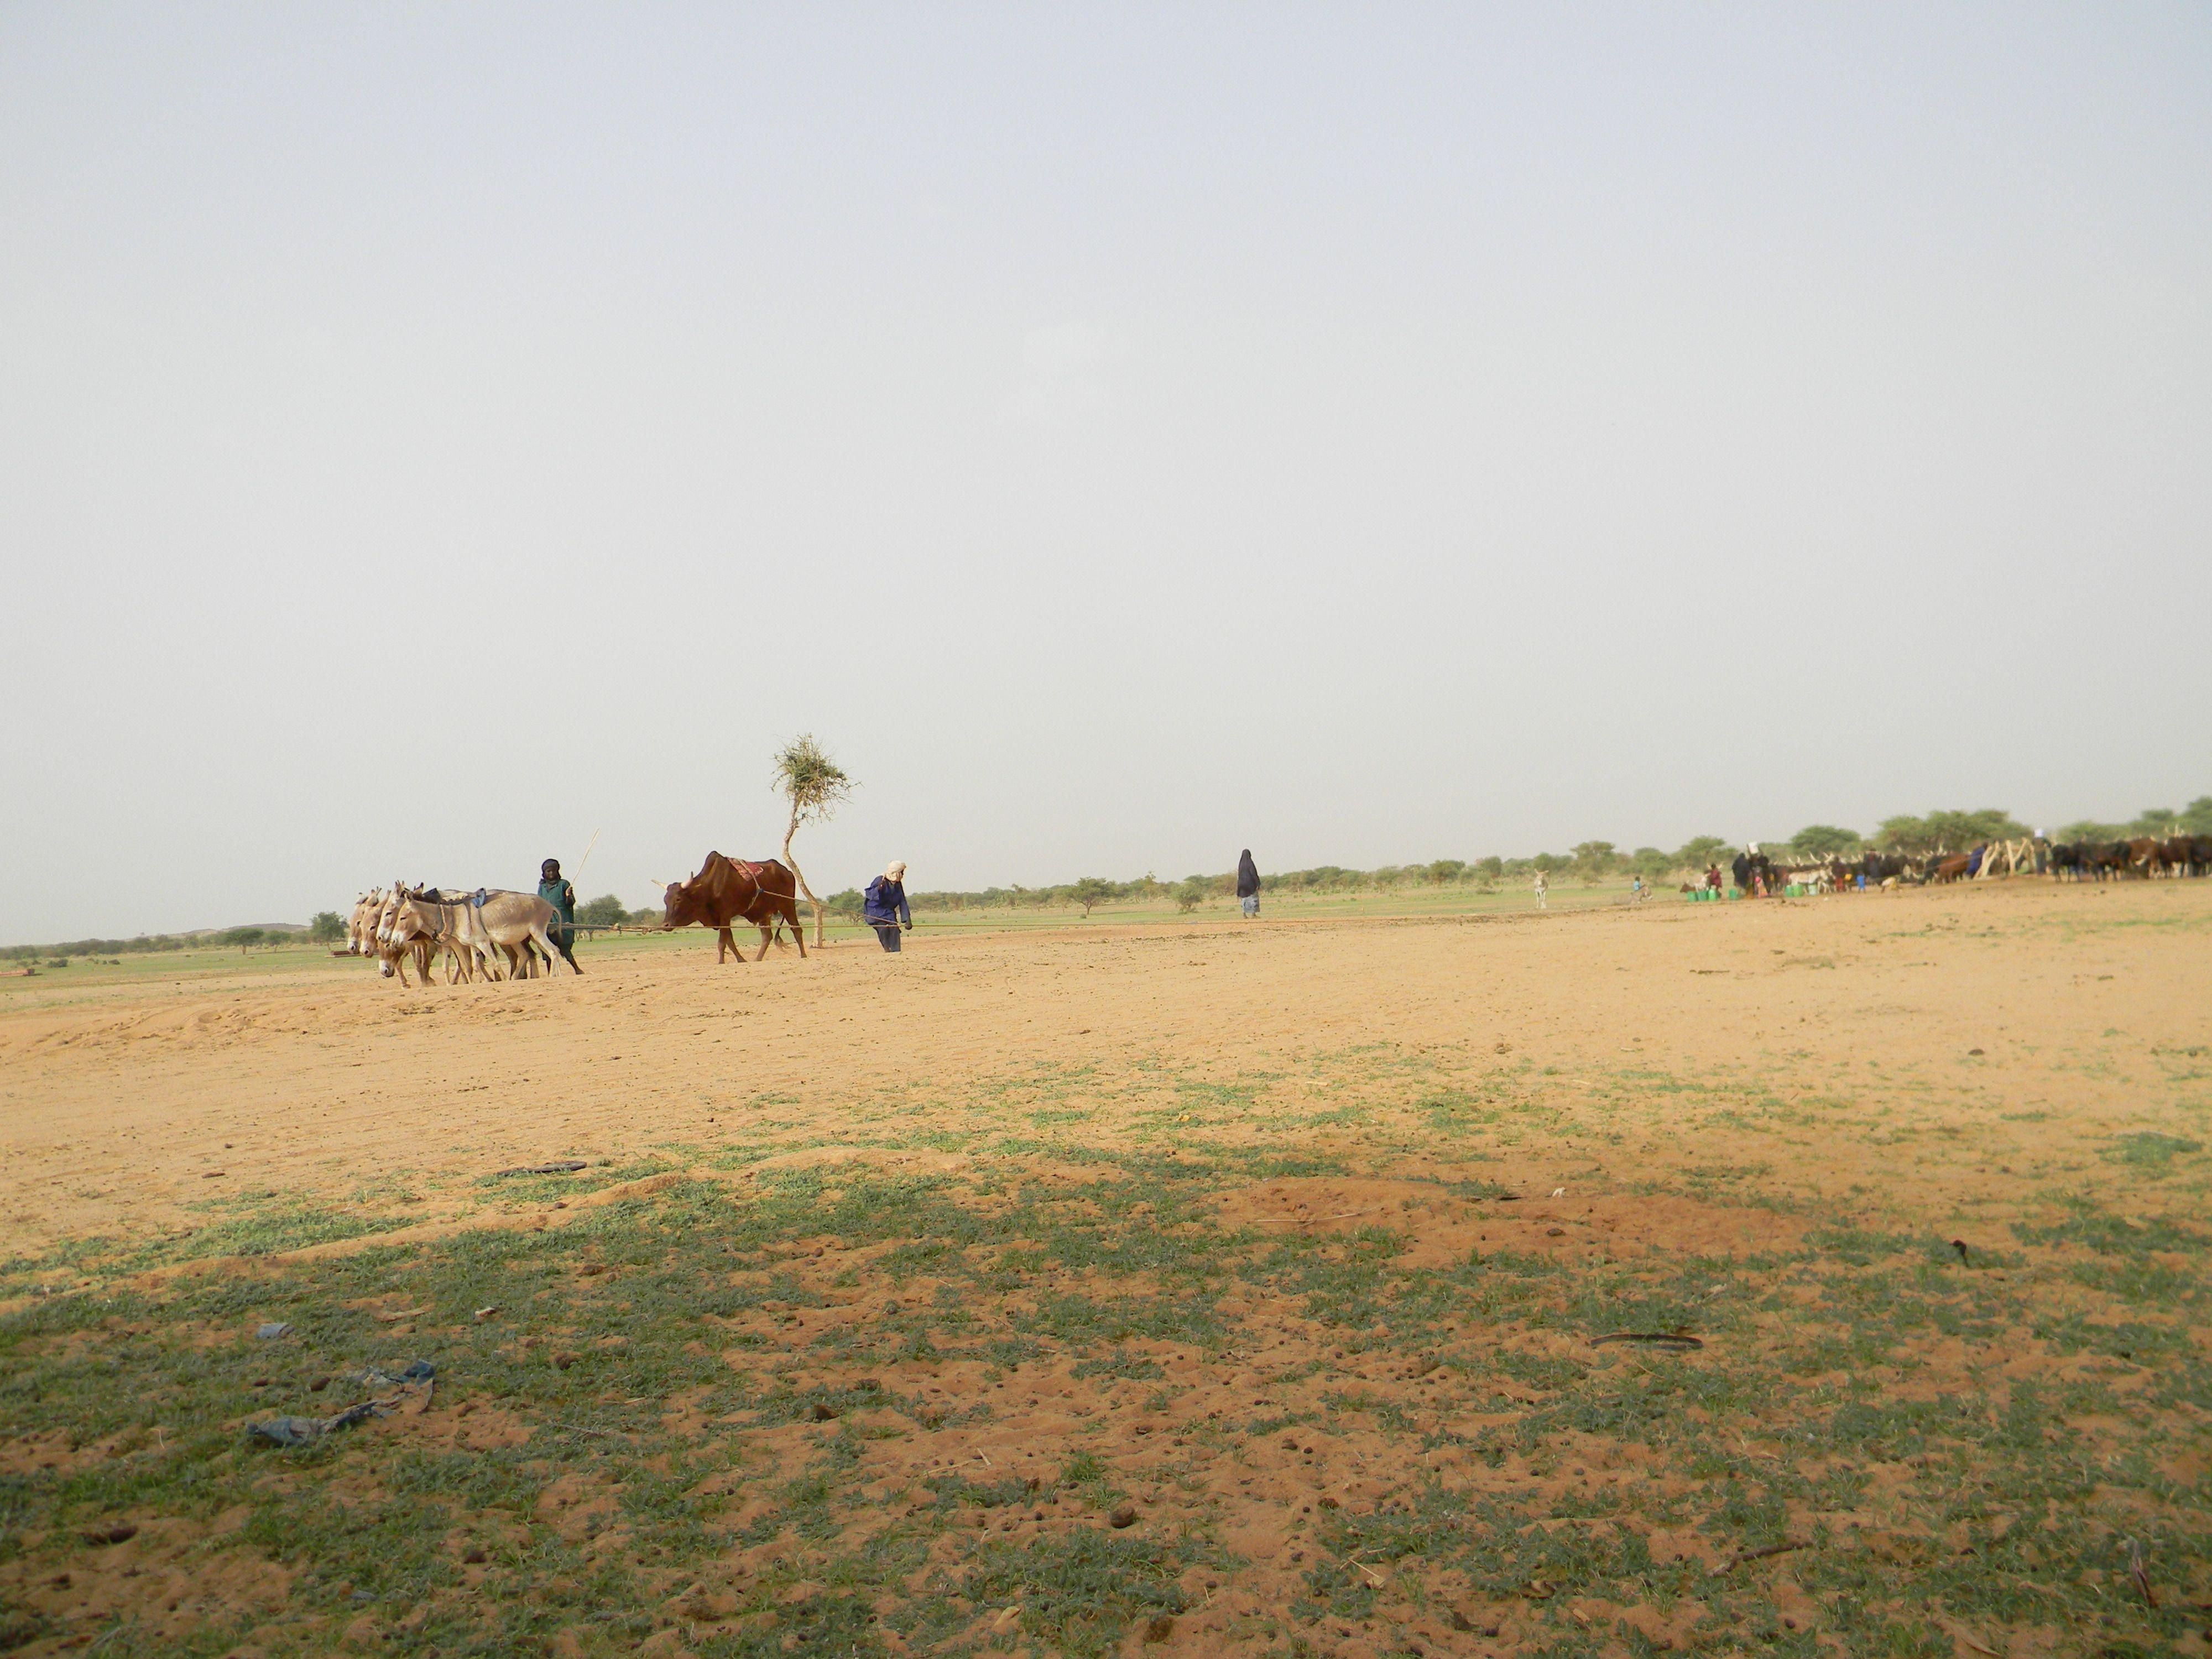 puits ânes et bufles tirent